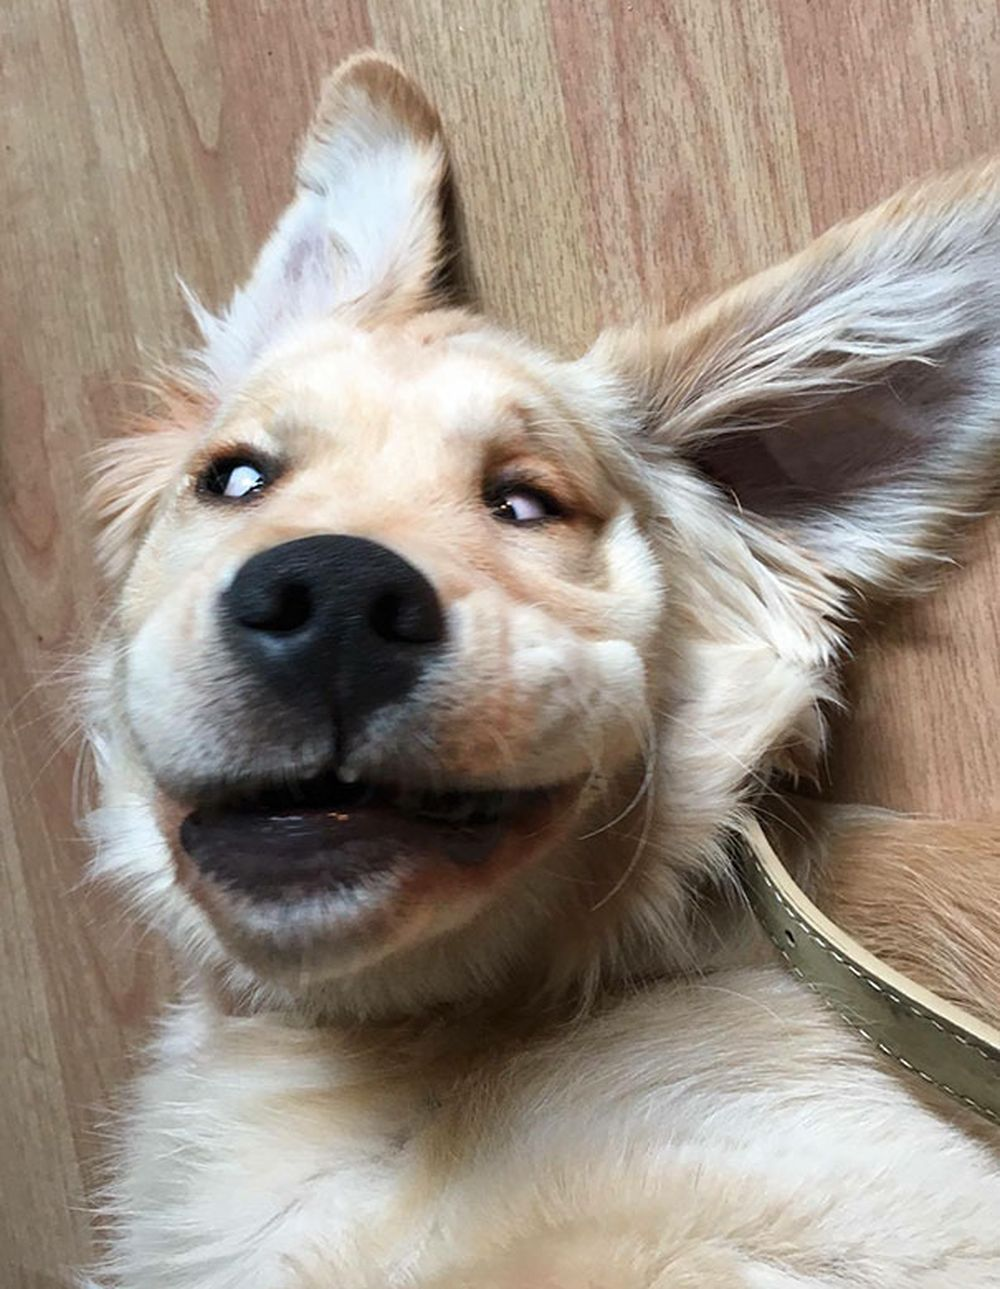 Nằm vật ra bắt chước dáng cậu chủ khi say rượu, chú chó khiến mọi người bật cười. (Nguồn Bored Panda)